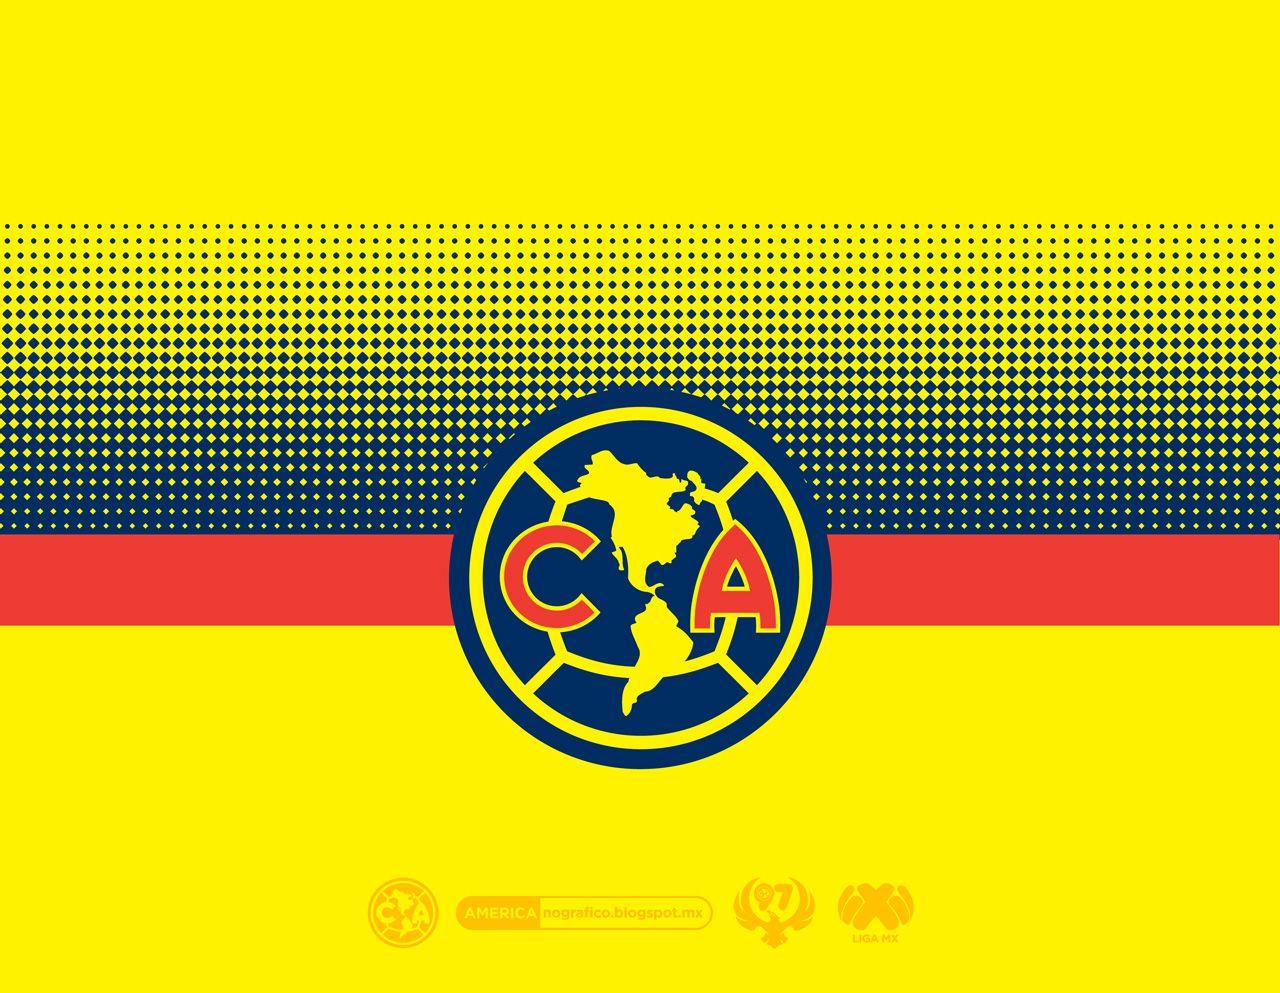 b9874e662 Club América Wallpaper •  AMERICAnografico